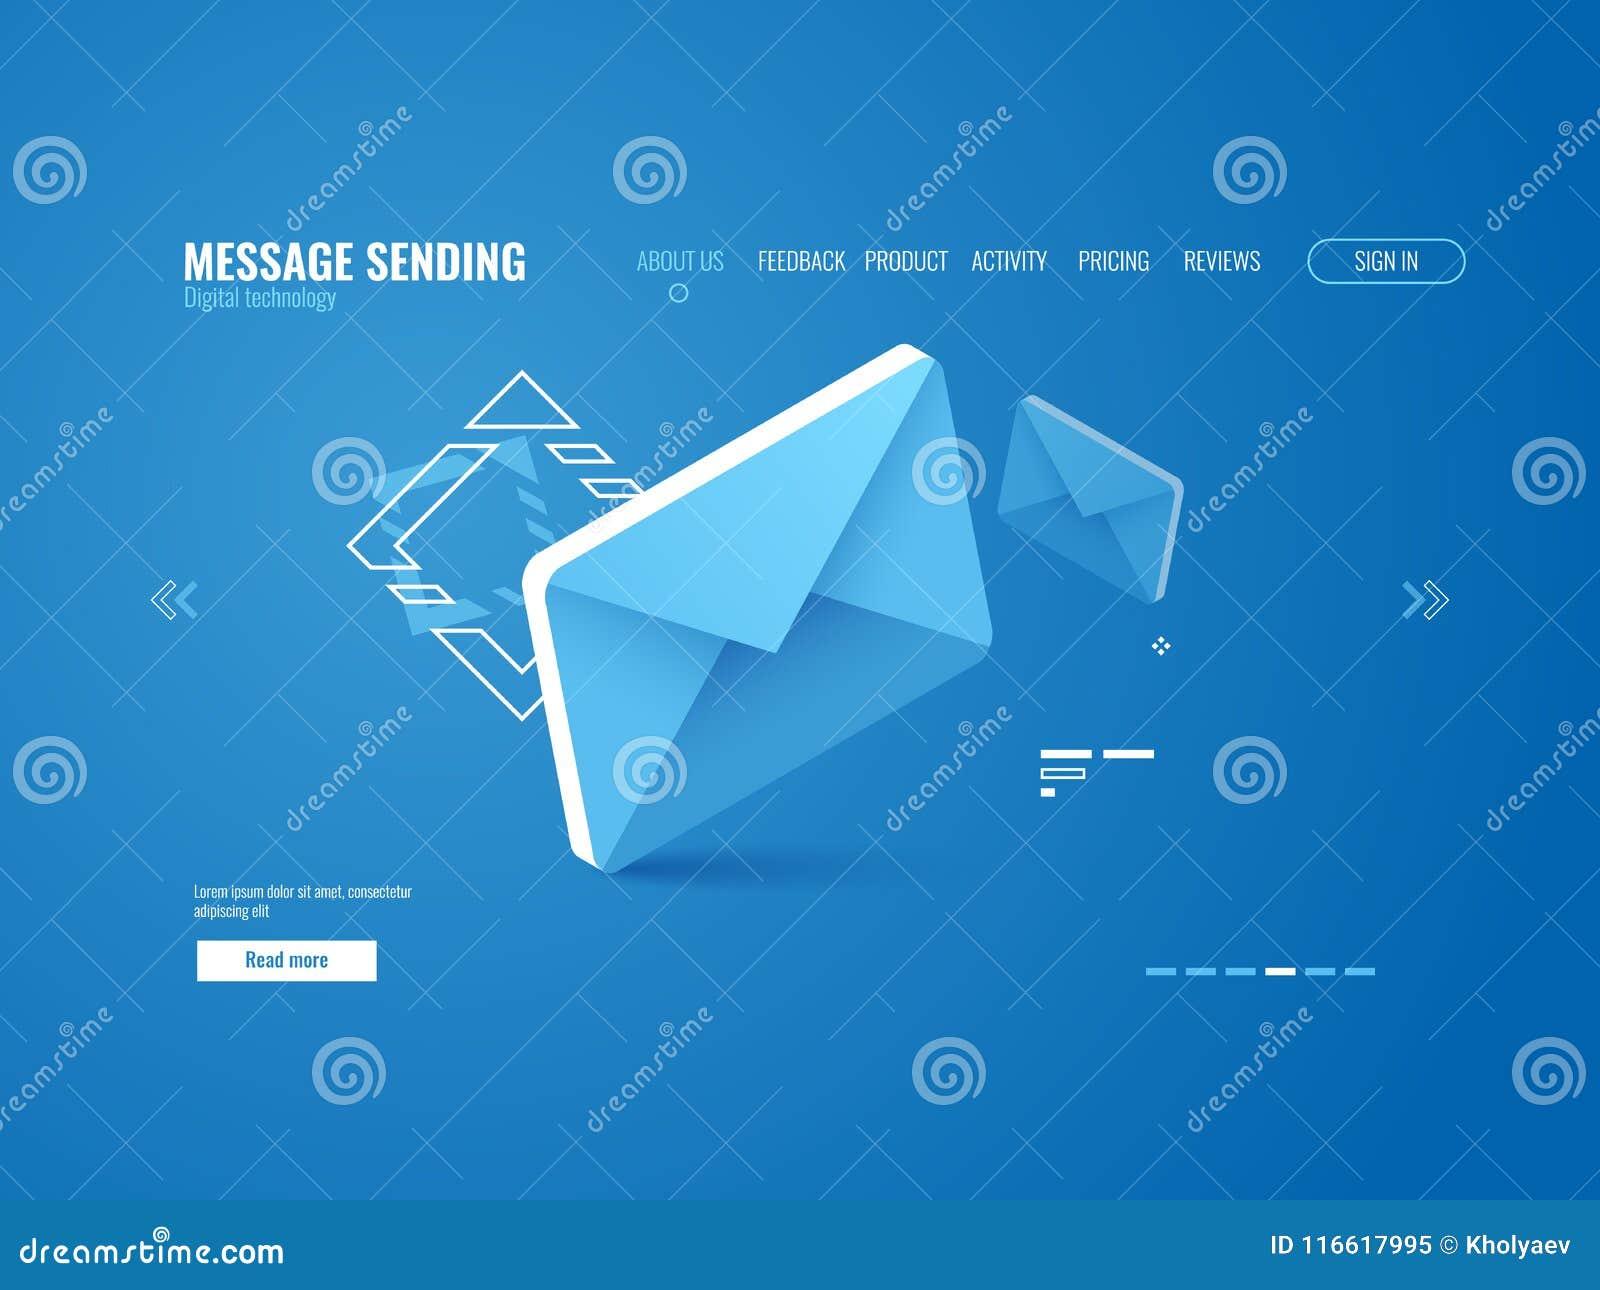 Значок сообщения, электронная почта посылая концепцию, реклама онлайн, шаблон интернет-страницы равновеликий